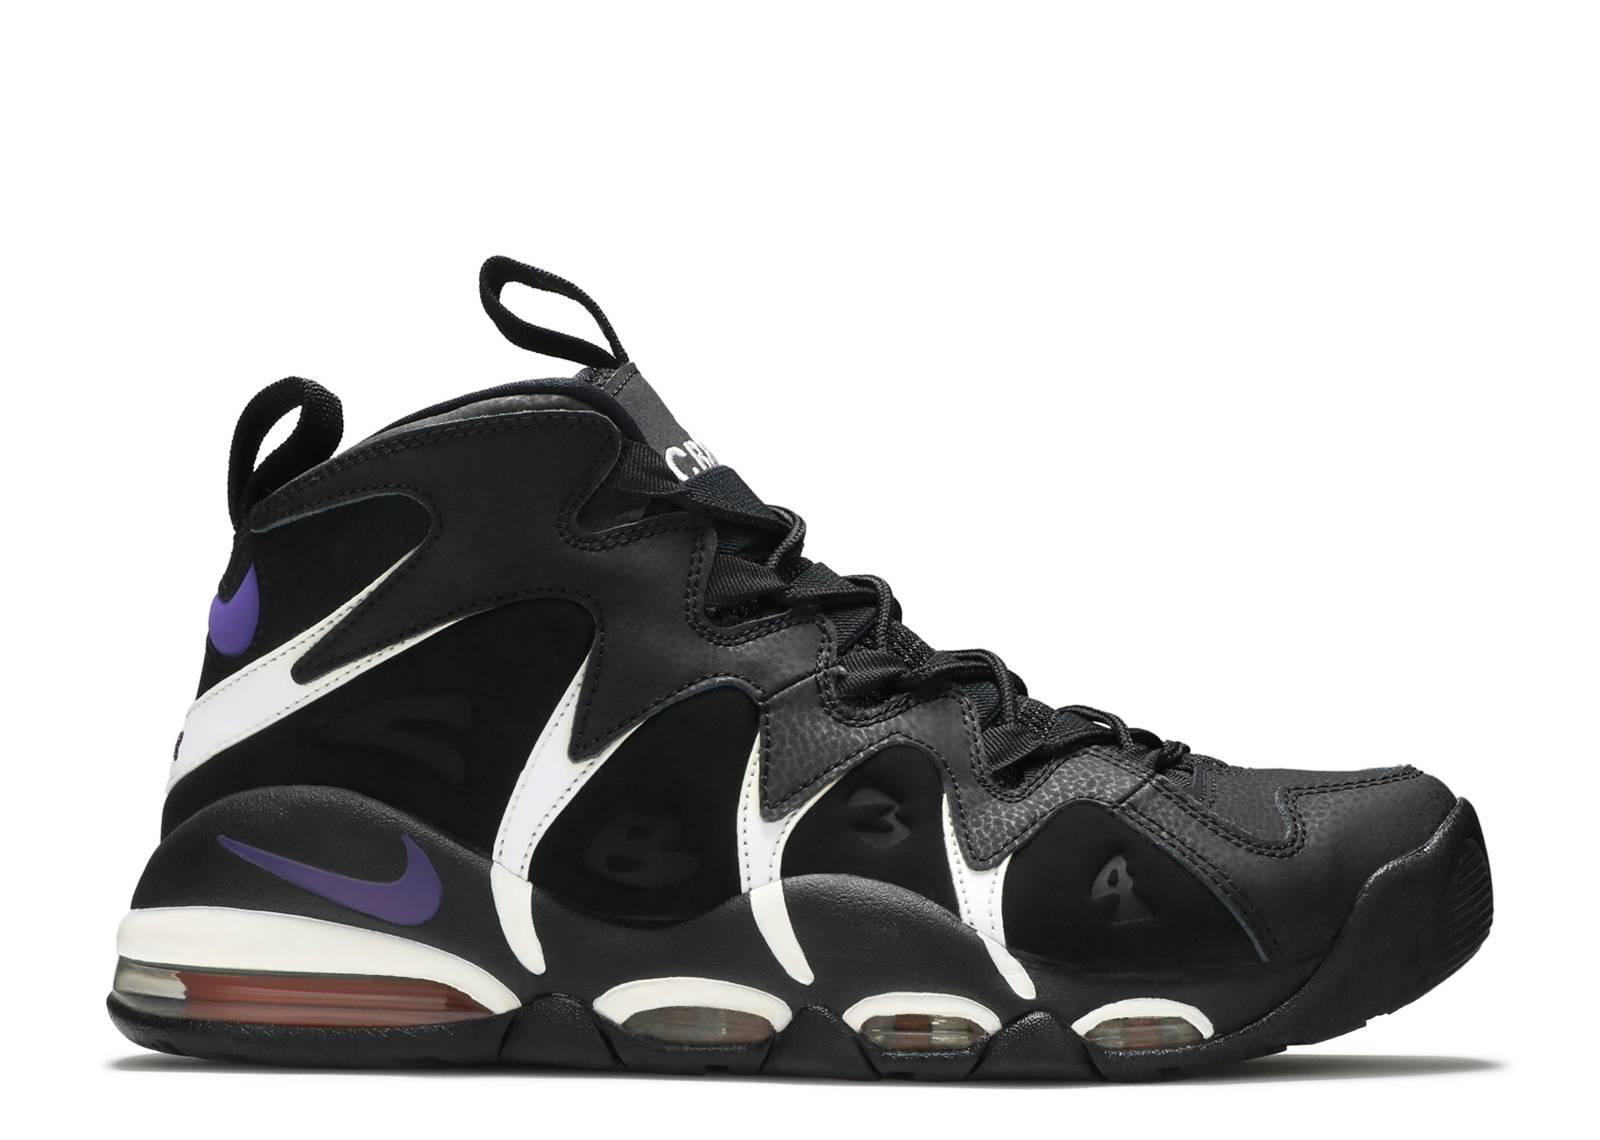 separation shoes 79328 b2052 Air Max Cb34 - Nike - 414243 002 - black club purple-tm orng-blk   Flight  Club